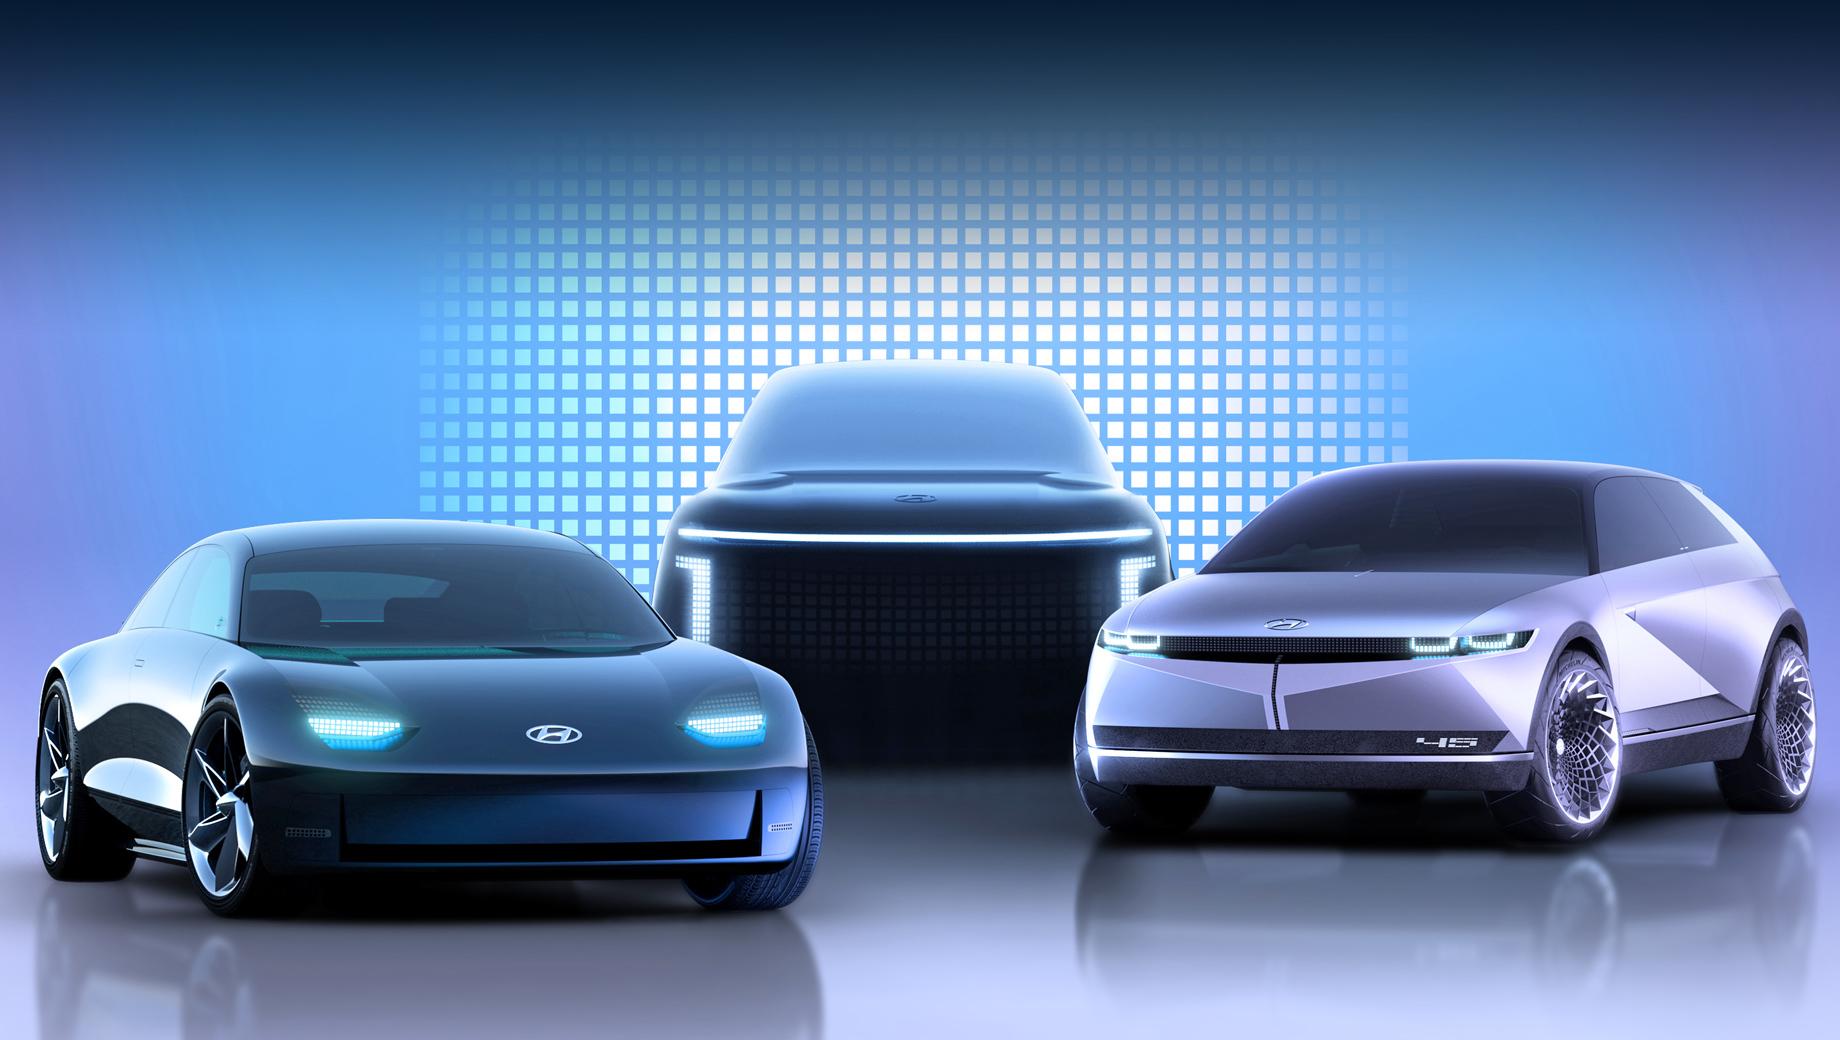 Hyundai ioniq,Hyundai 45,Hyundai prophecy,Hyundai ev prophecy,Hyundai ioniq electric. Два концепта, предвещавшие серийные Ионики, мы уже видели: это Prophecy и 45 (на переднем плане). А третий шоу-кар ещё только готовится к премьере.